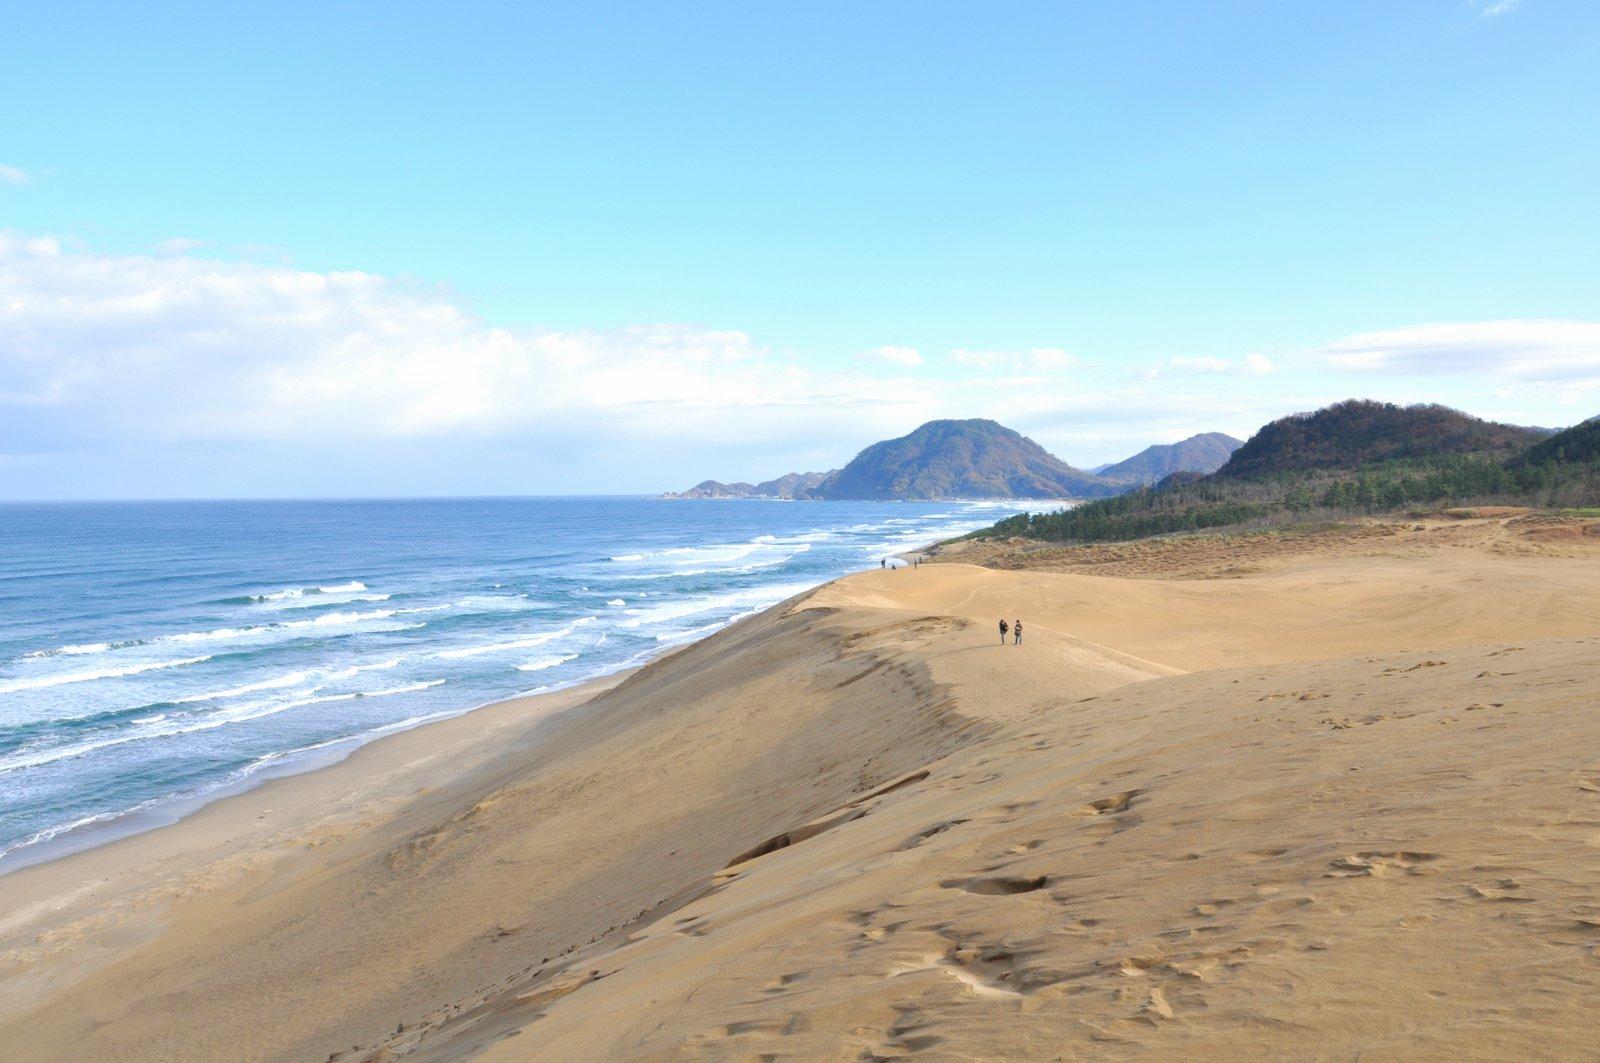 Dunas de arena Tottori a orillas del mar de Japón